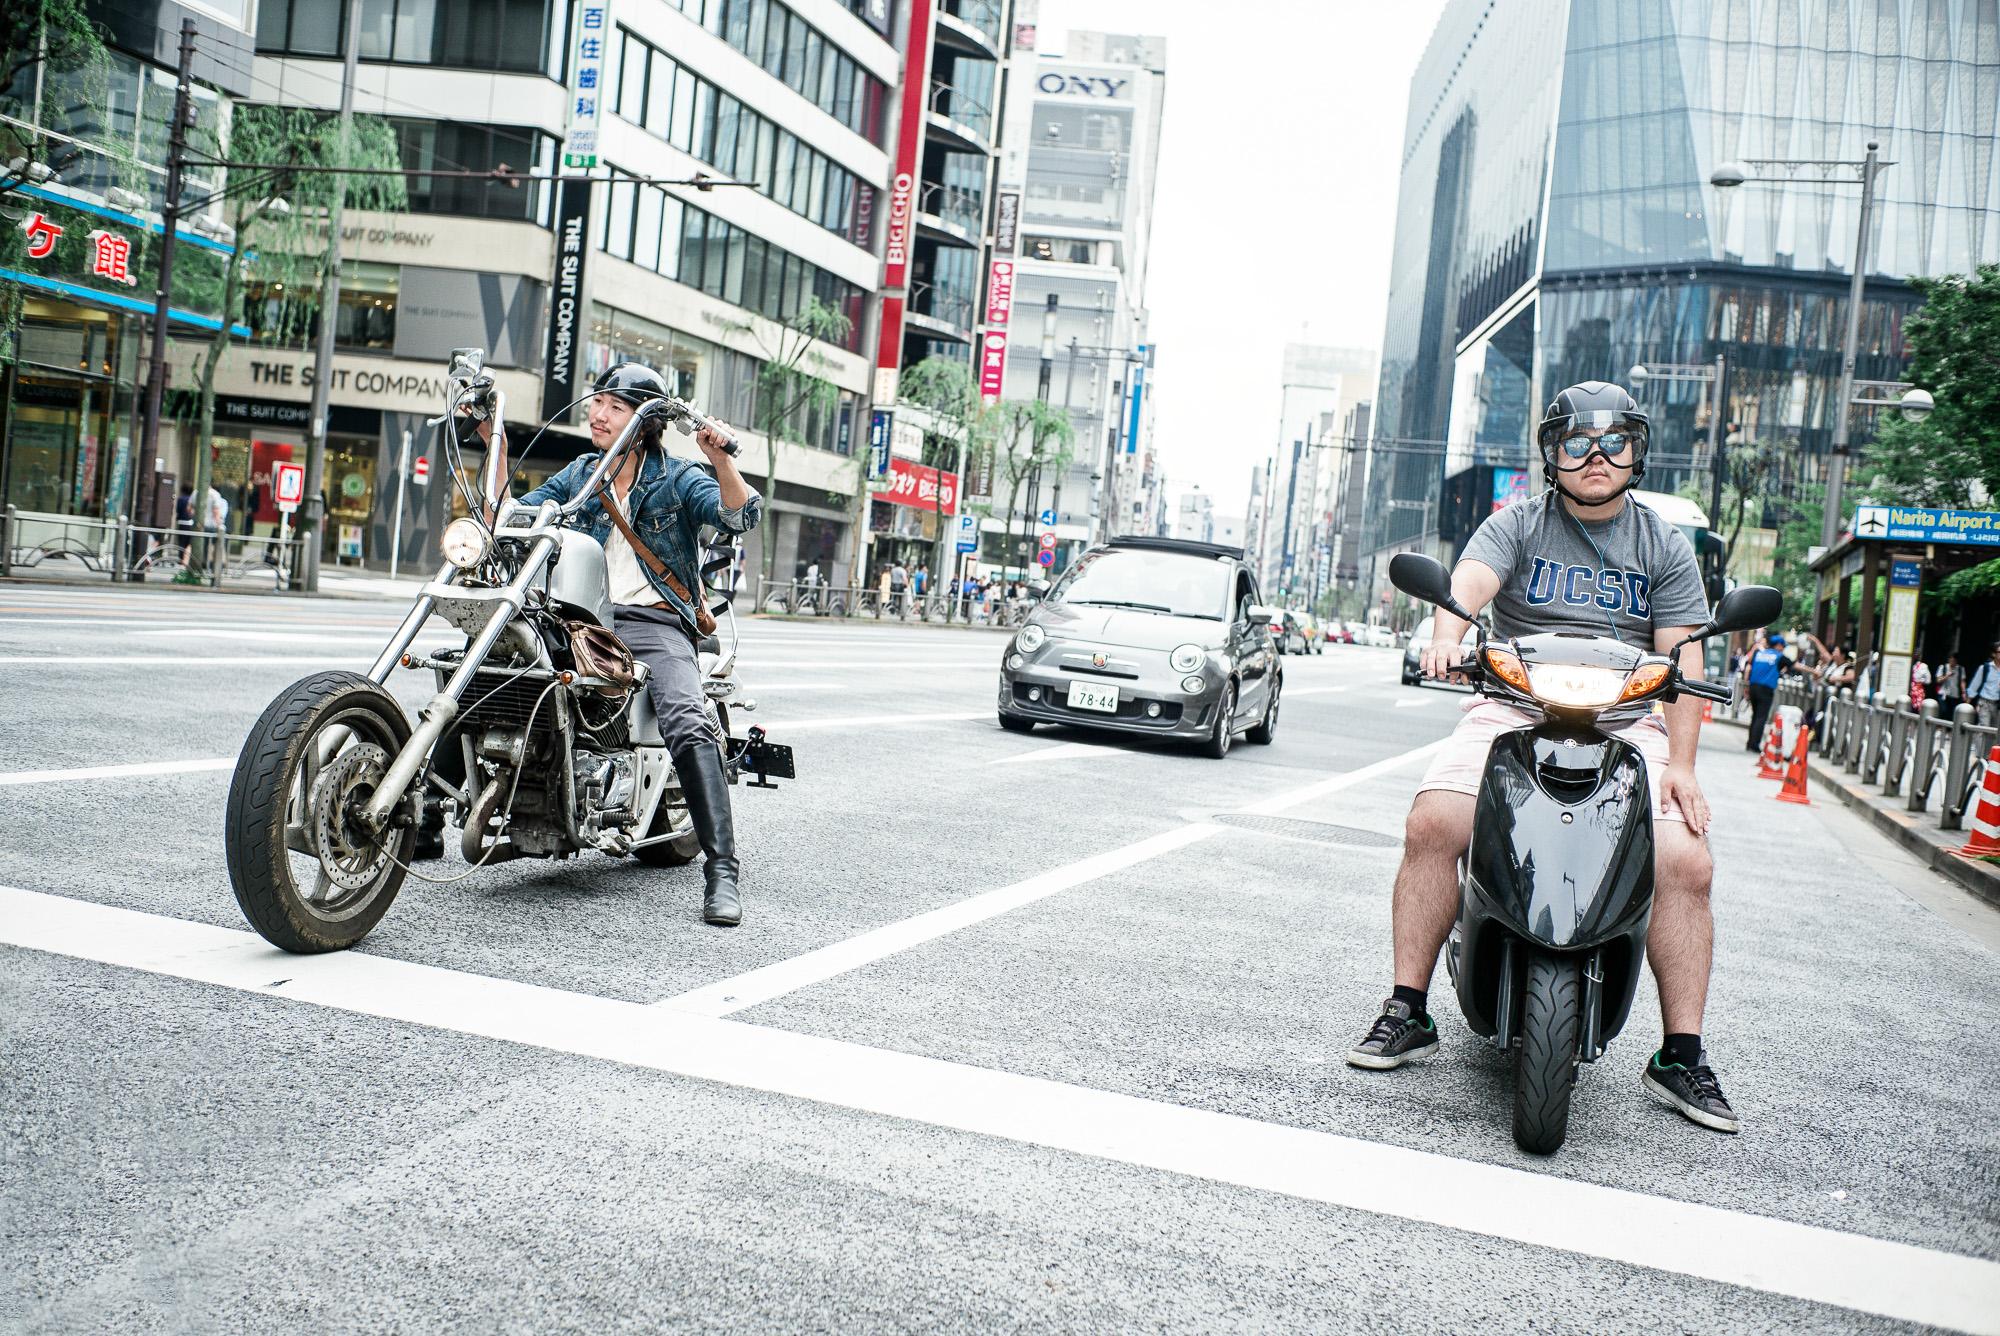 bikers-contrast-2000.jpg